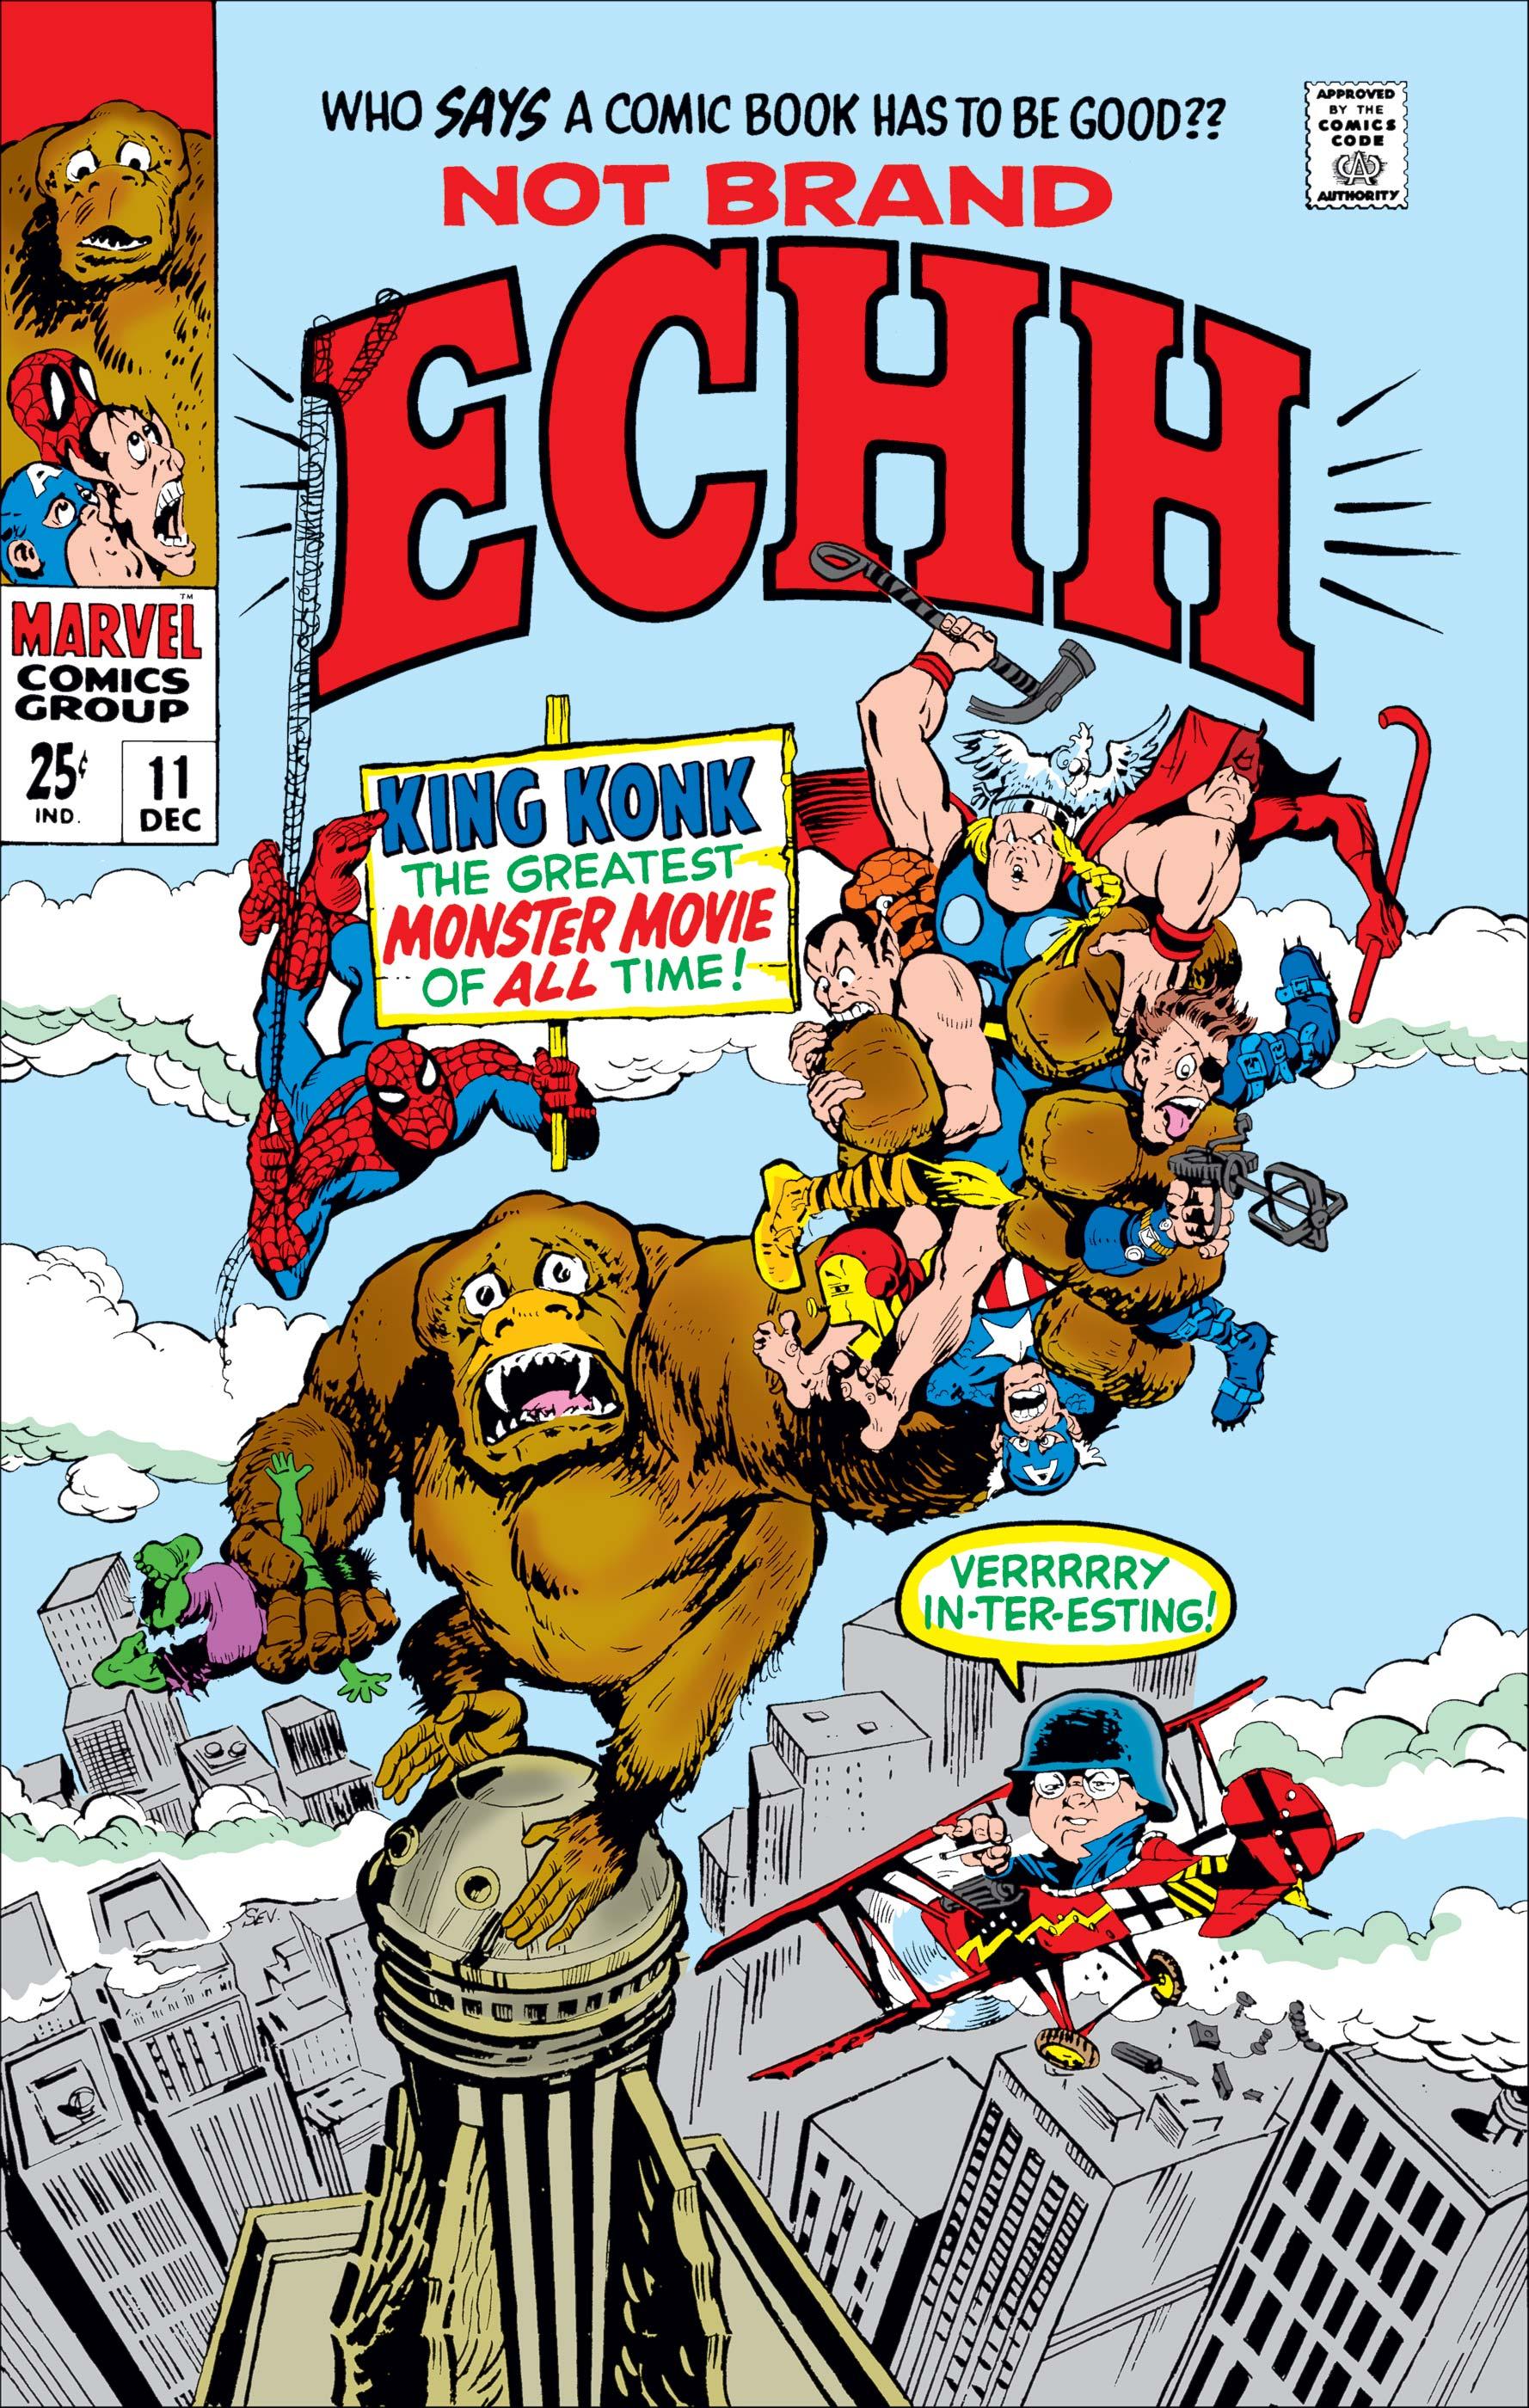 Not Brand Echh (1967) #11